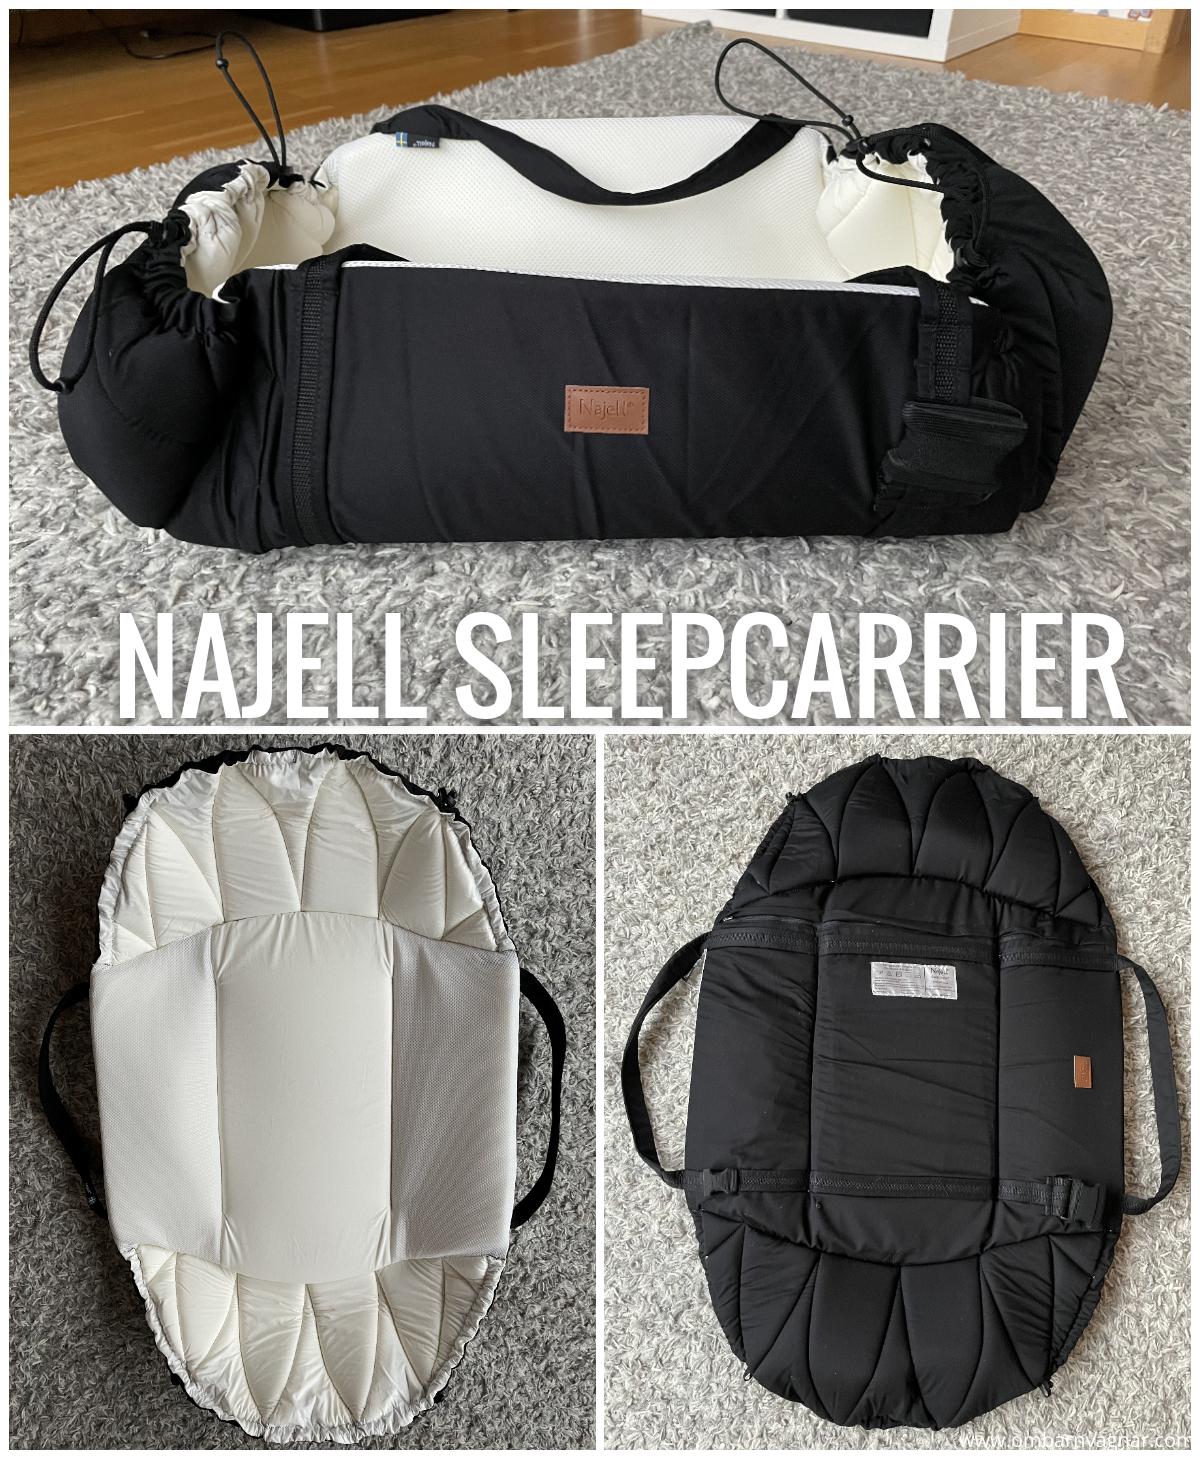 Najell SleepCarrier - liten och smidig mjuklift som kan fällas ut till platt lekmatt, och även fungerar som babynest